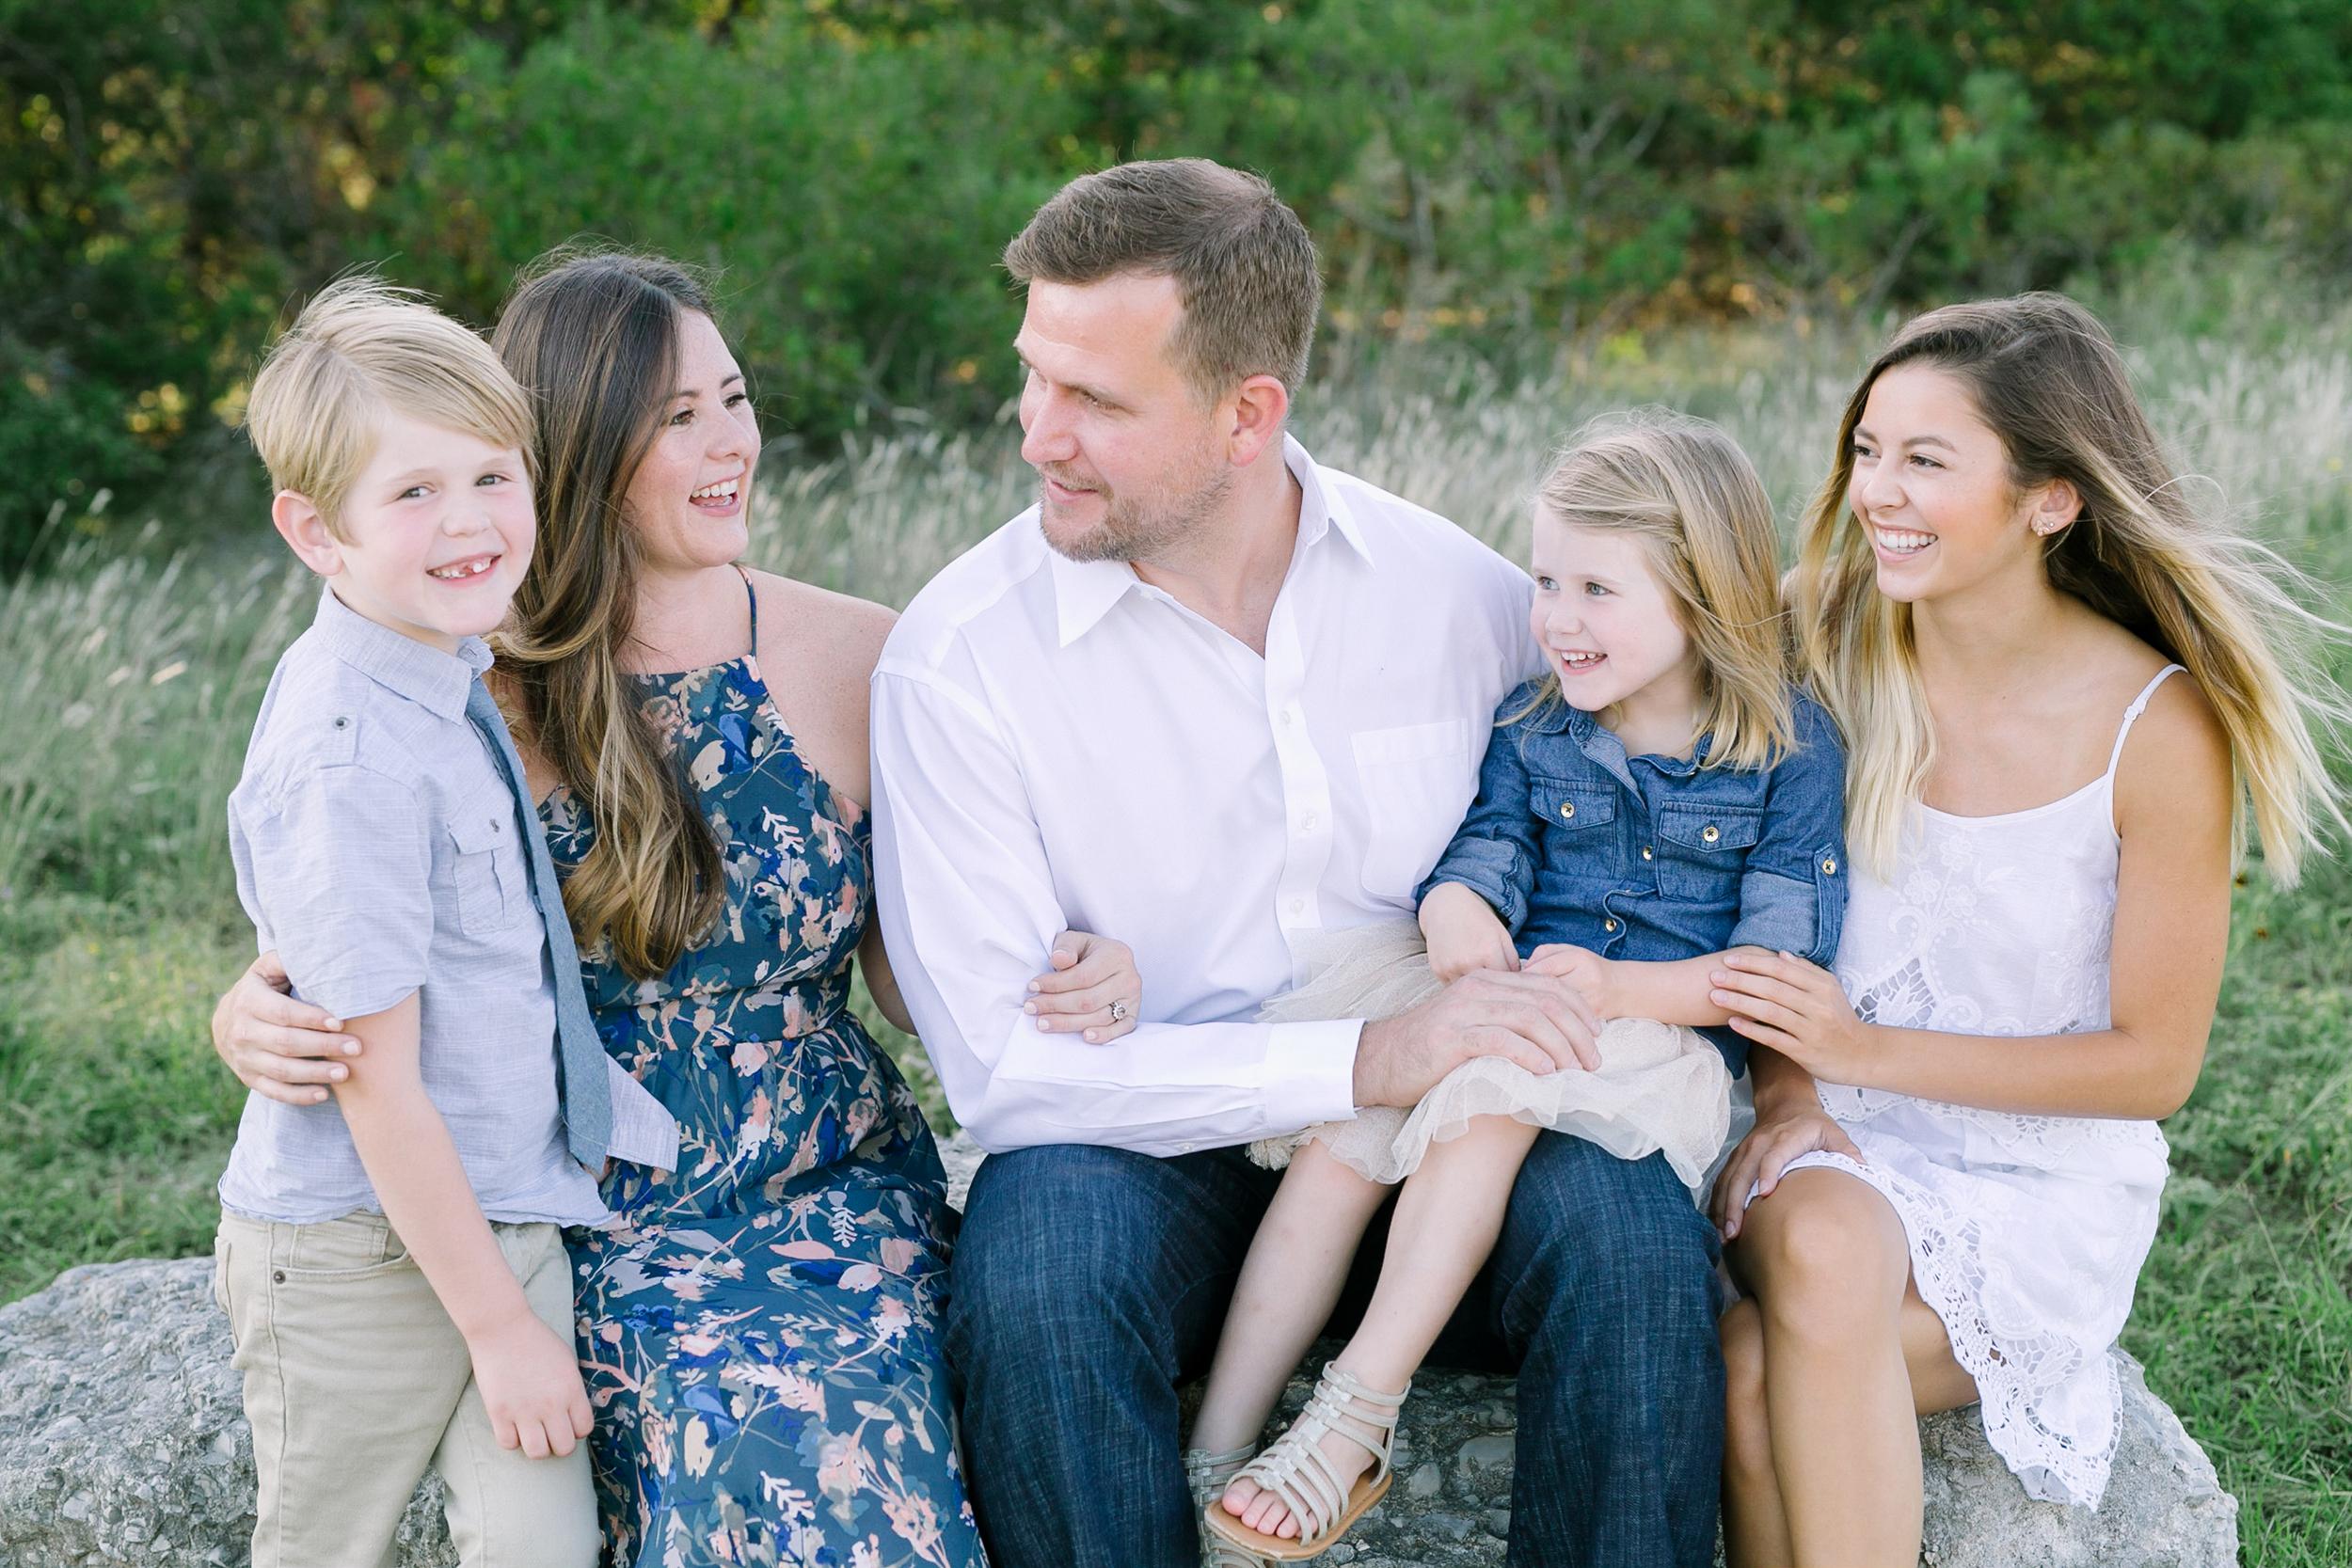 Austin_TX_Family_Photographer_KBP025.jpg